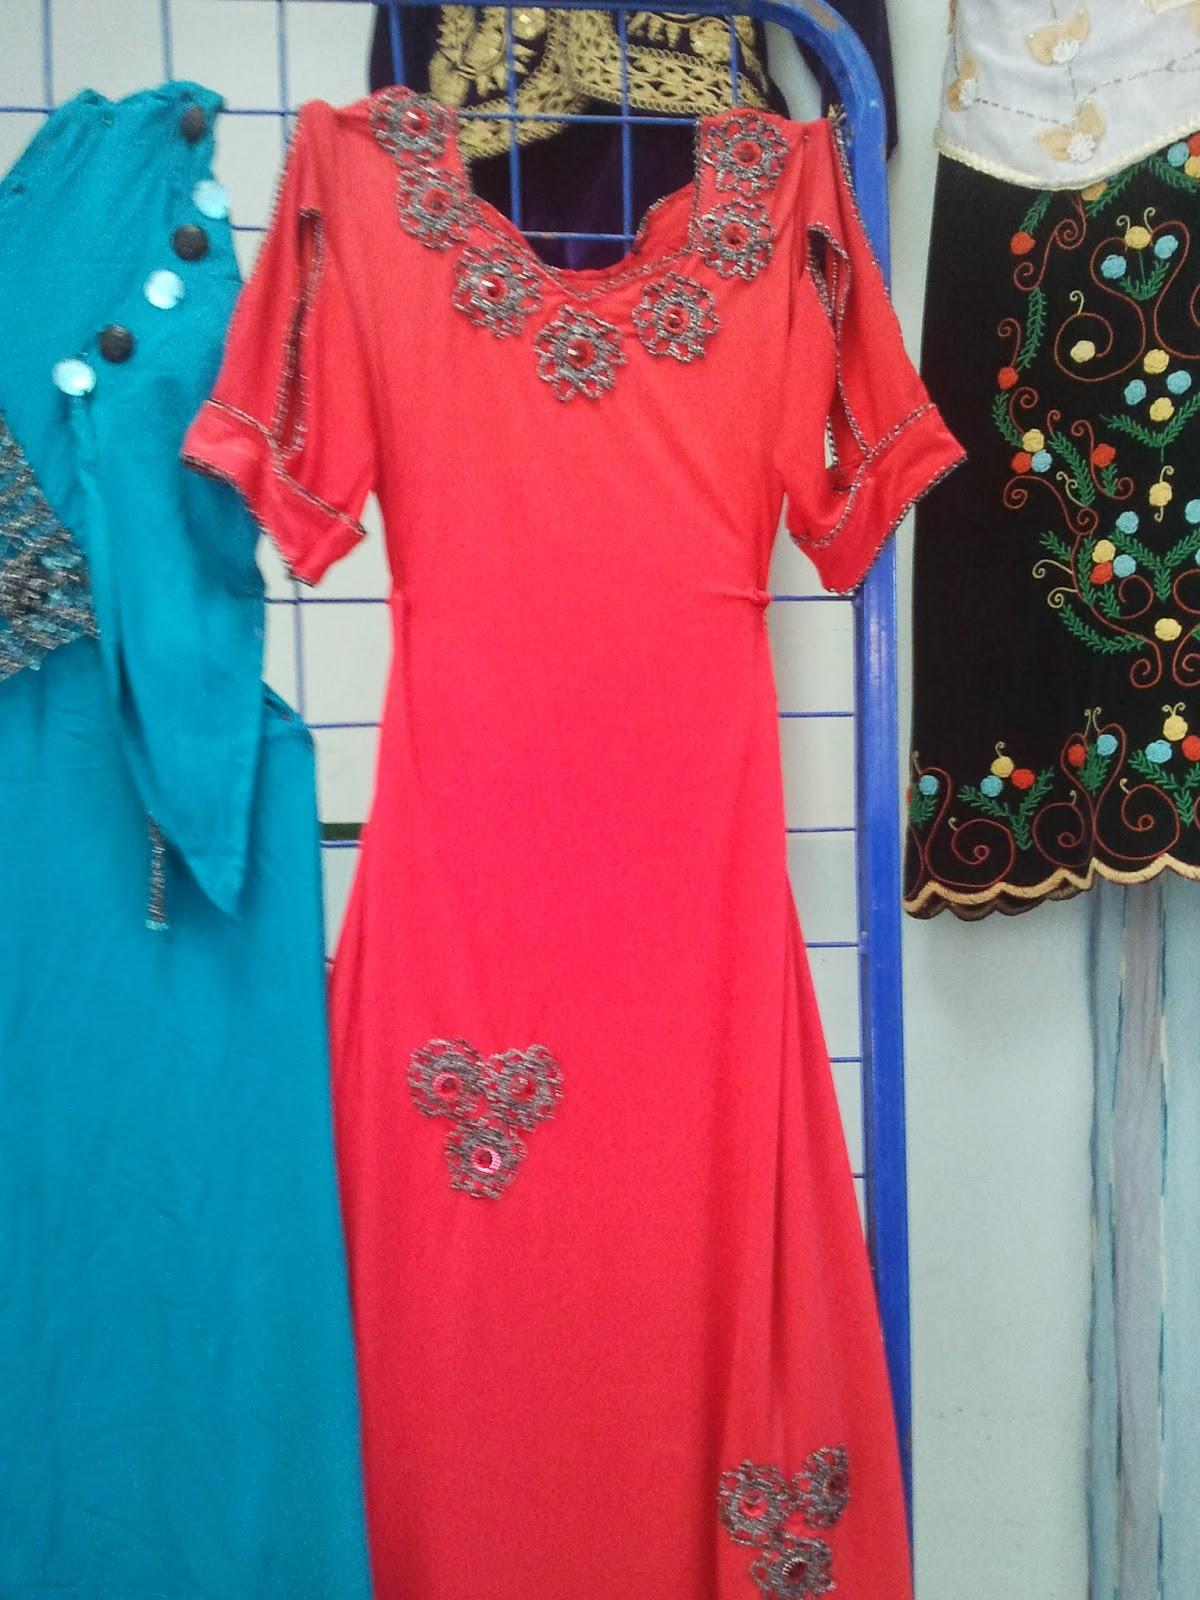 بالصور بدعيات صيفية وهرانية , لباس صيفى انيق يظهر جمال المراة 1831 9